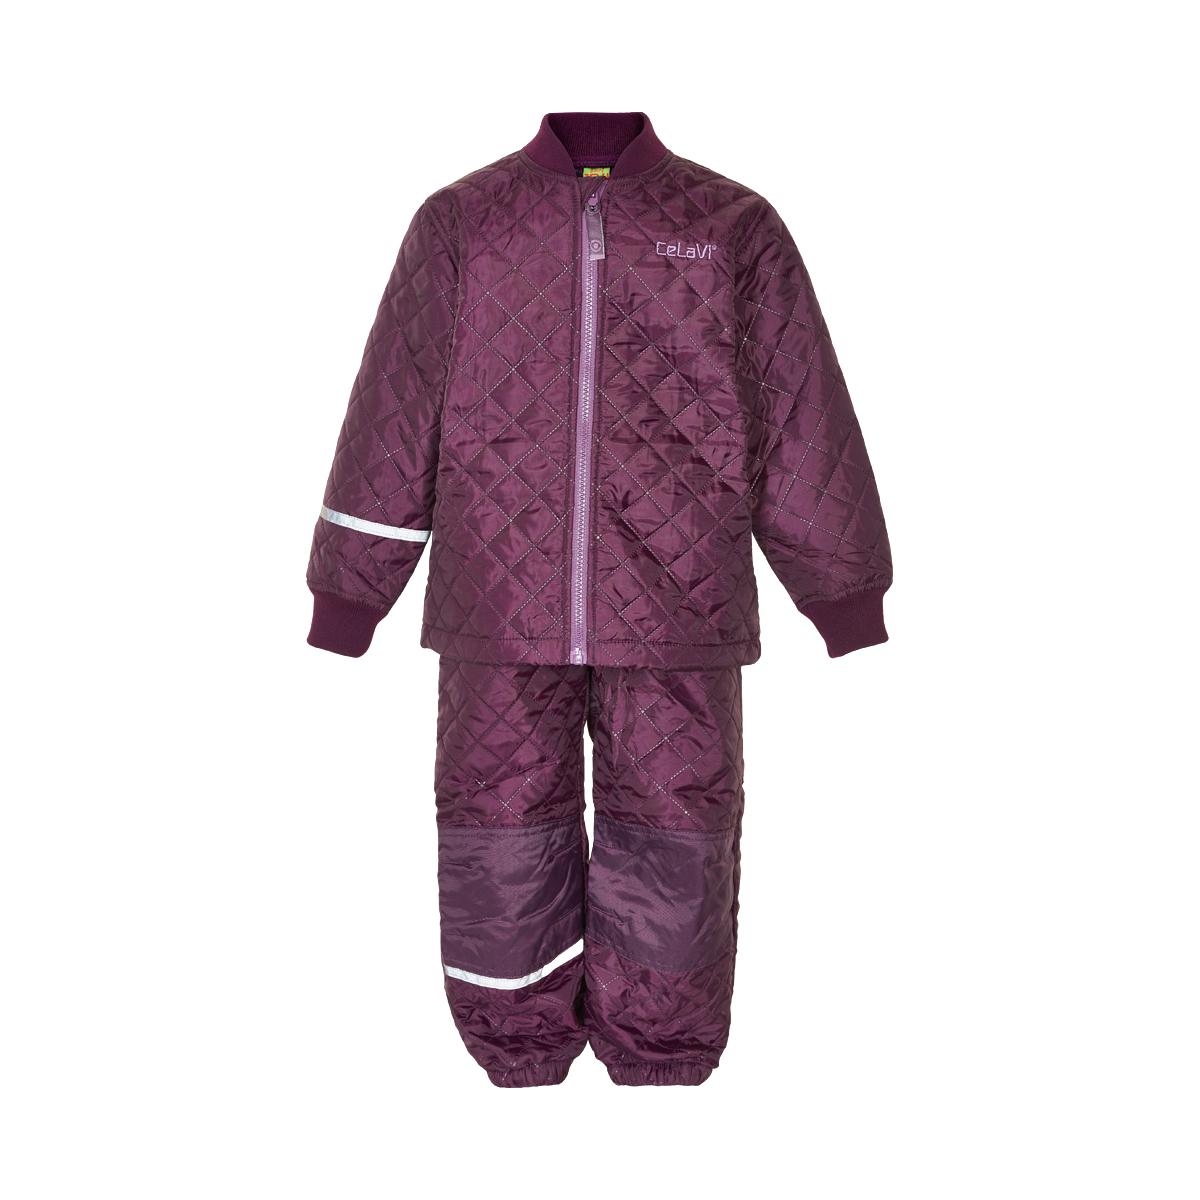 CeLaVi dětský termo oblek 3555-666